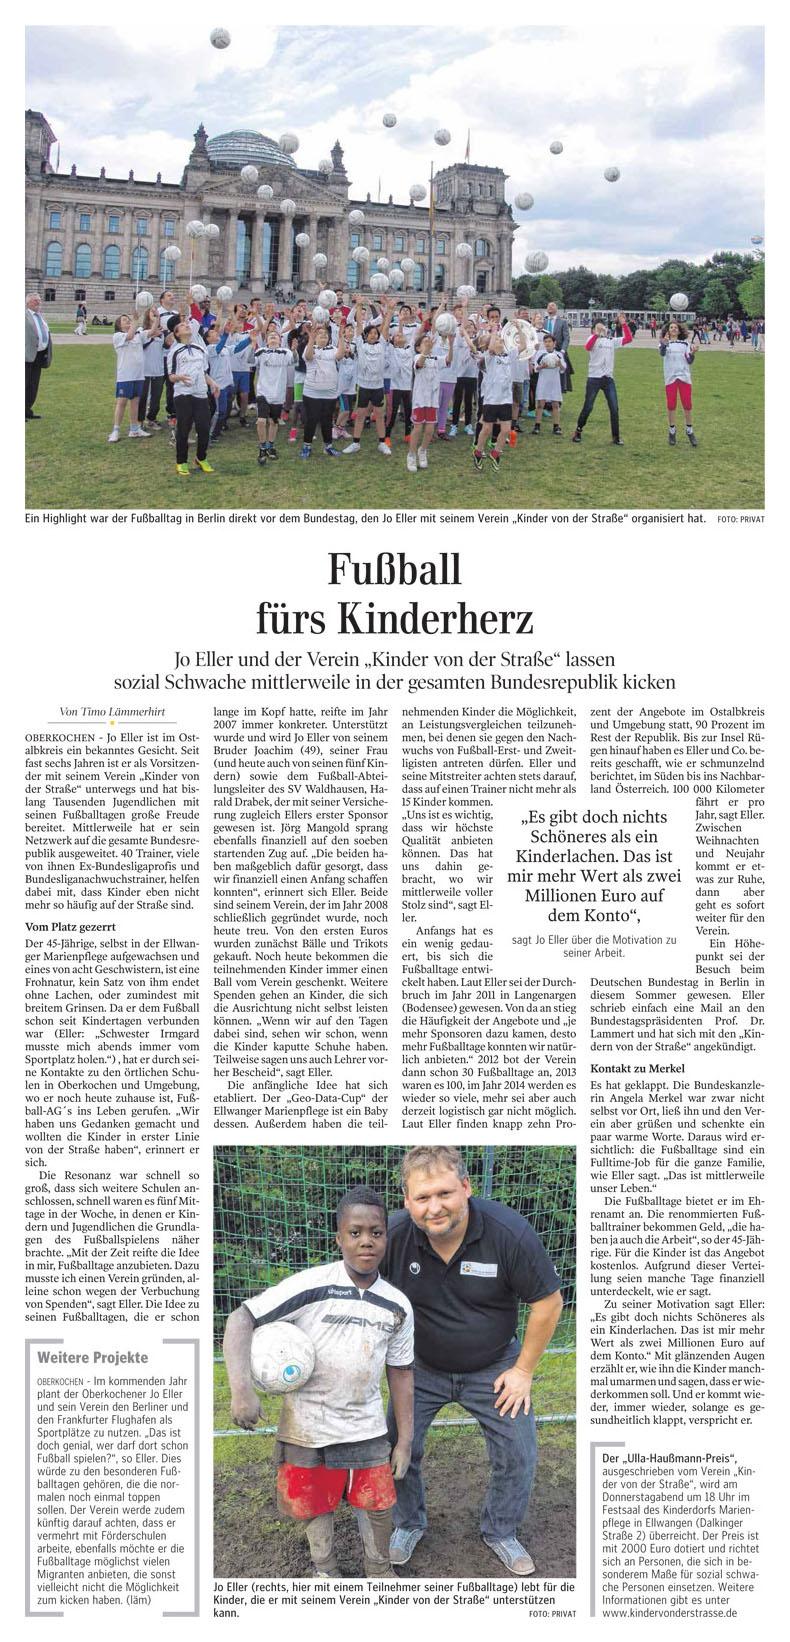 Ipf und JagstZeitung  Aalener Nachrichten vom 27112014 - Bild 1 - Datum: 27.11.2014 - Tags: Besonderes, Pressebericht, AKTION FUSSBALLTAG e.V.